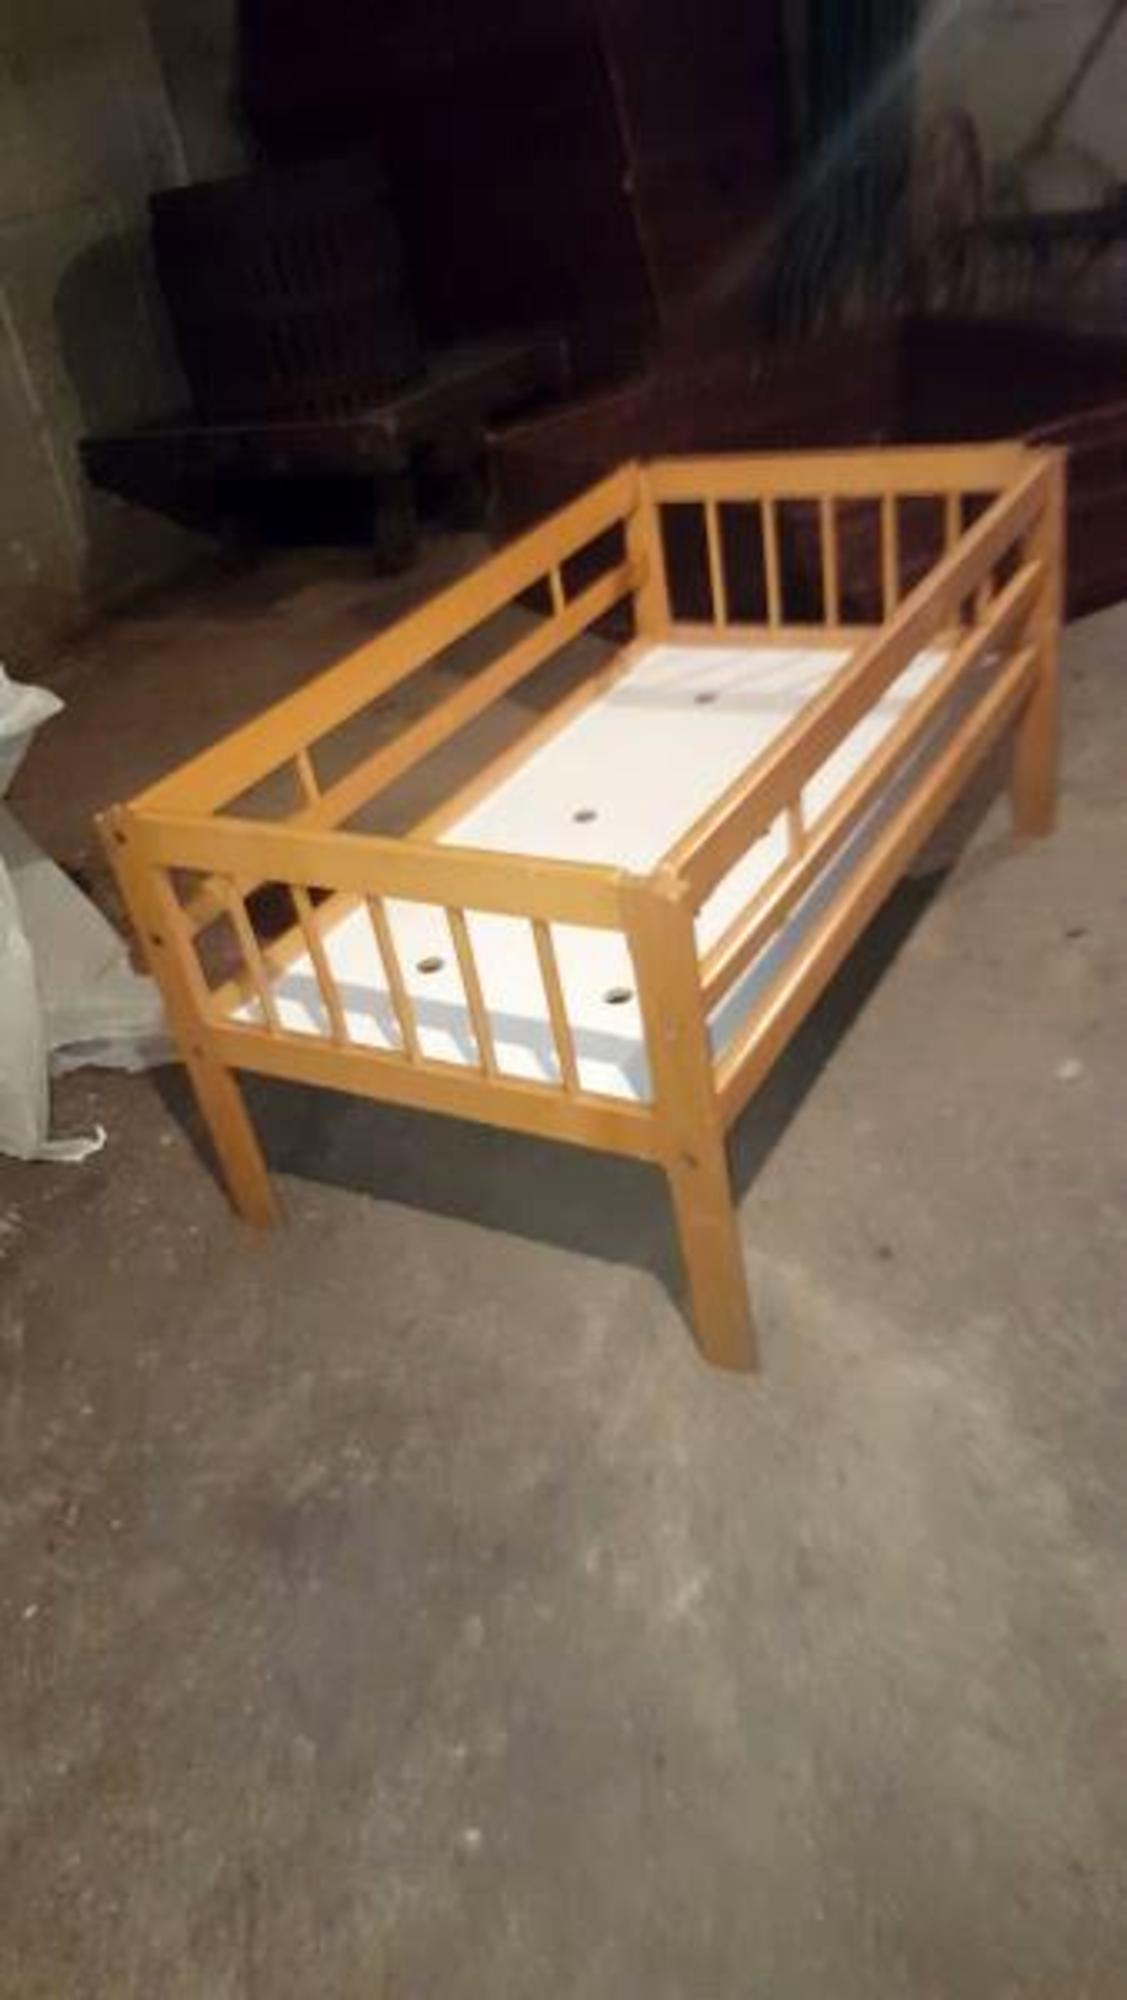 un lit dortoir maternelles mobilier scolaire d 39 occasion aux ench res agorastore. Black Bedroom Furniture Sets. Home Design Ideas